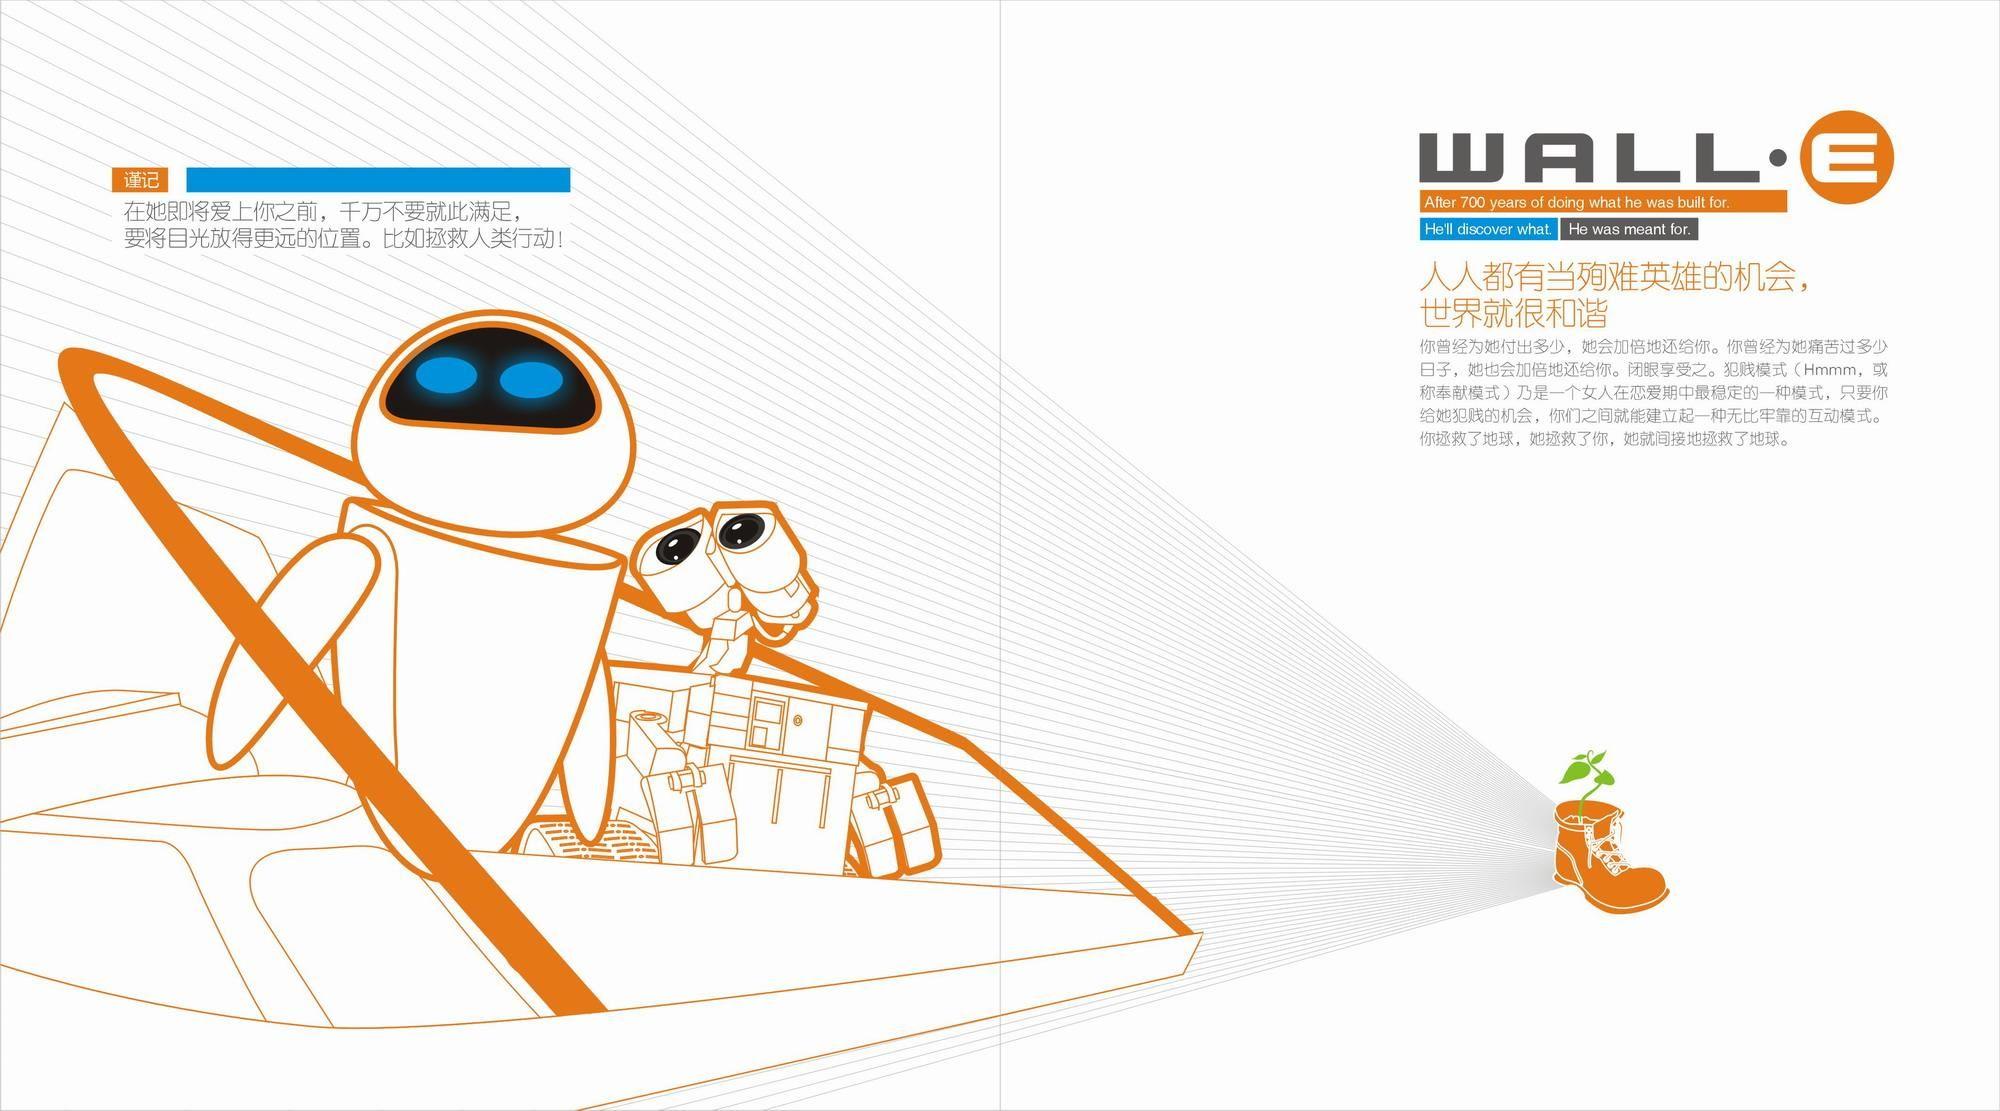 机器人瓦力案例图片 设计师我数学考80分设计工作室的空间 红动中国